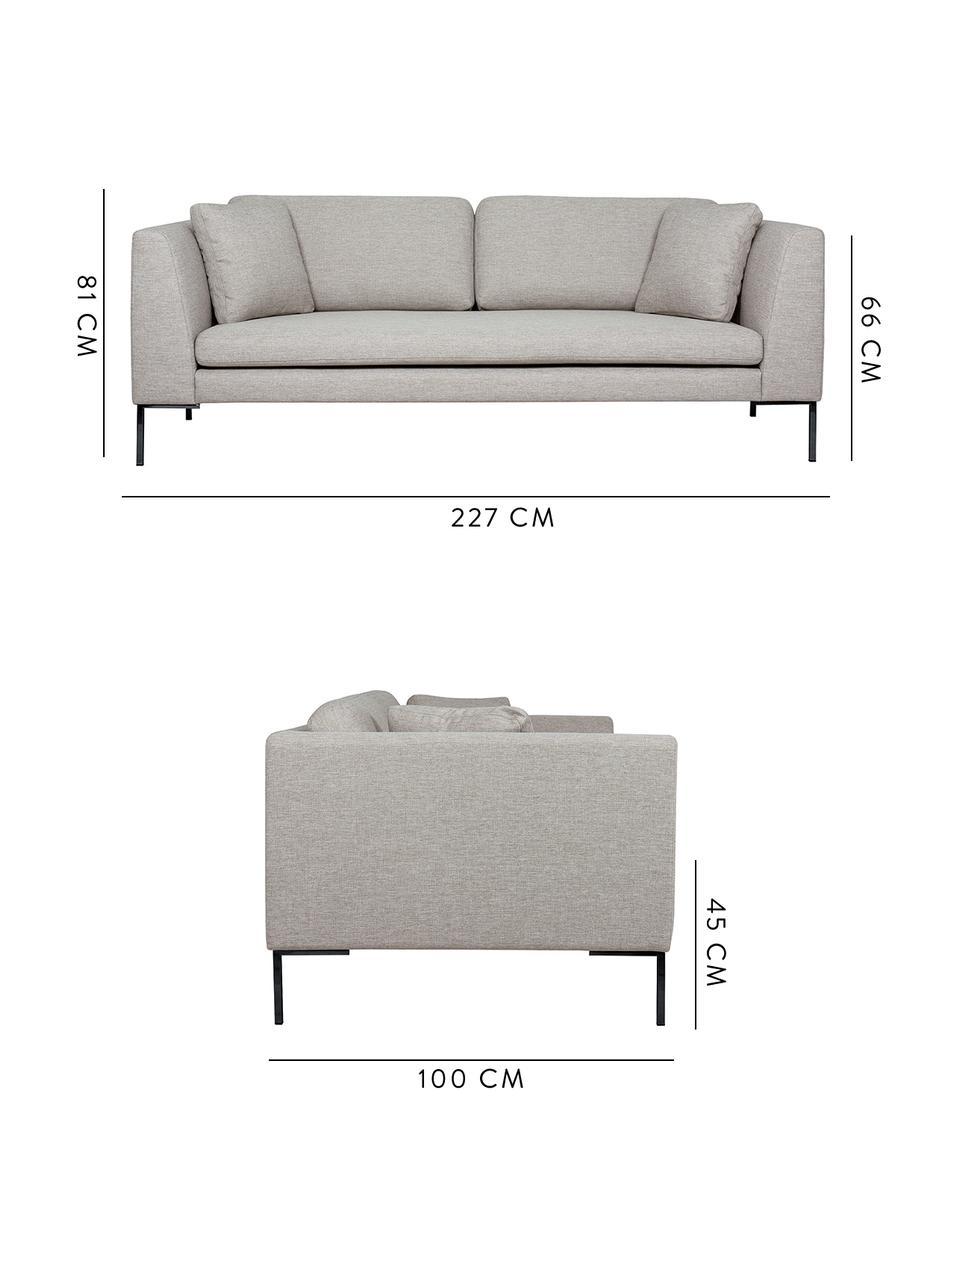 Sofa z metalowymi nogami Emma (3-osobowa), Tapicerka: poliester Tkanina o odpor, Nogi: metal malowany proszkowo, Beżowy, nogi: czarny, S 227 x G 100 cm